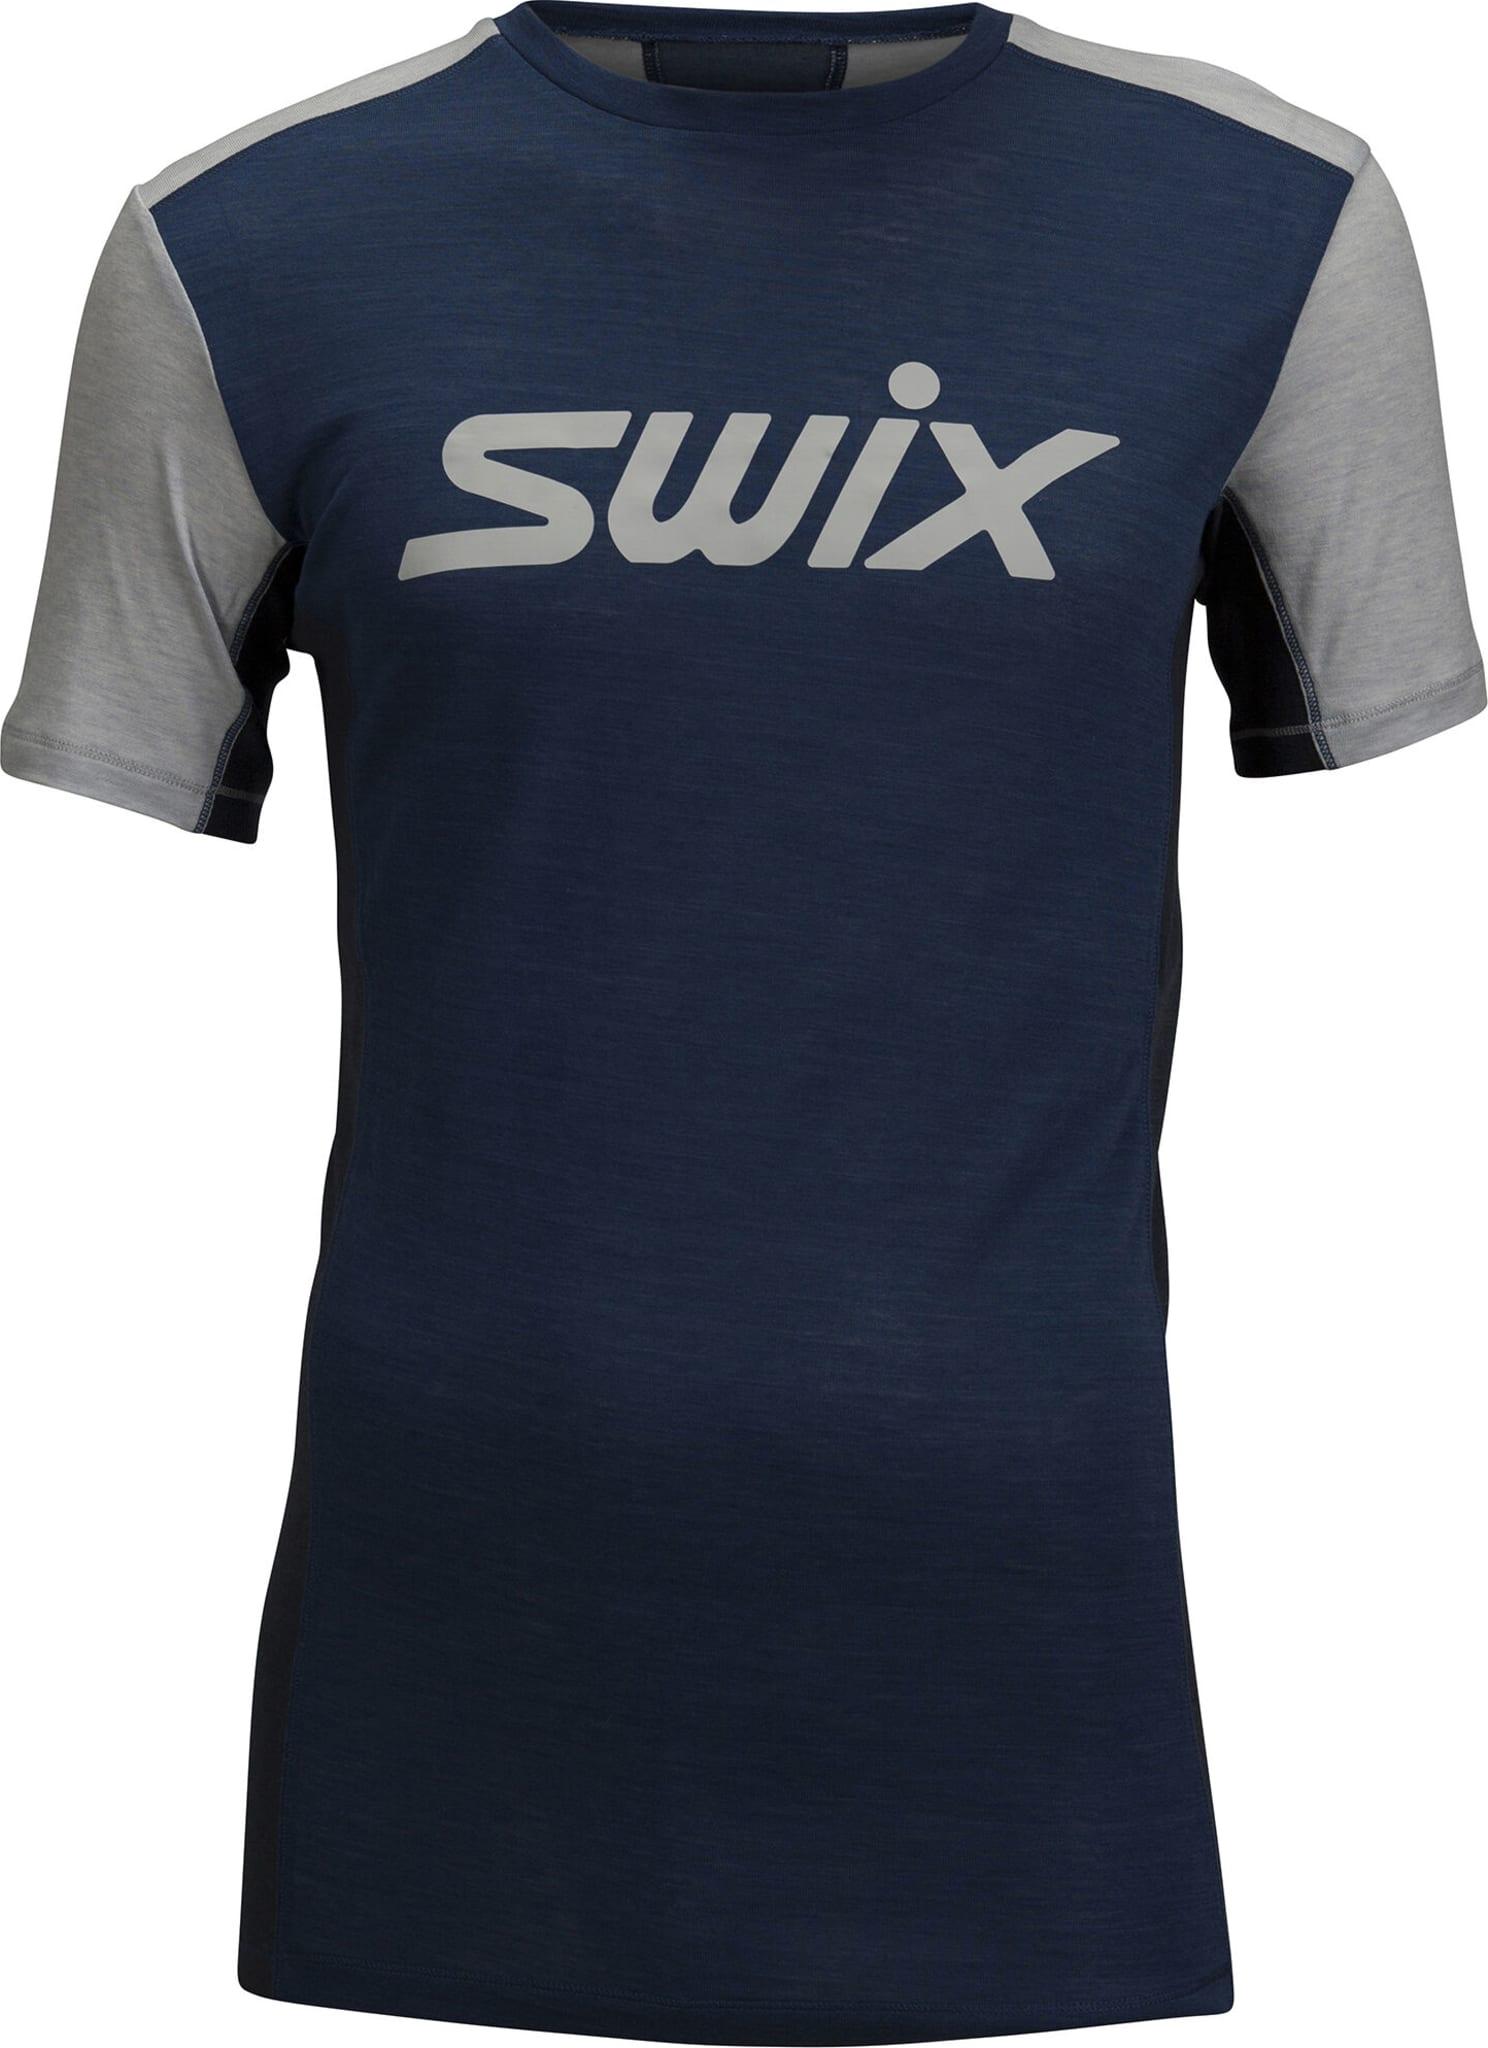 En multisport/fritid hybrid T-skjorte/Undertøy med topp funksjonsmaterialer og foreggjort detaljering.